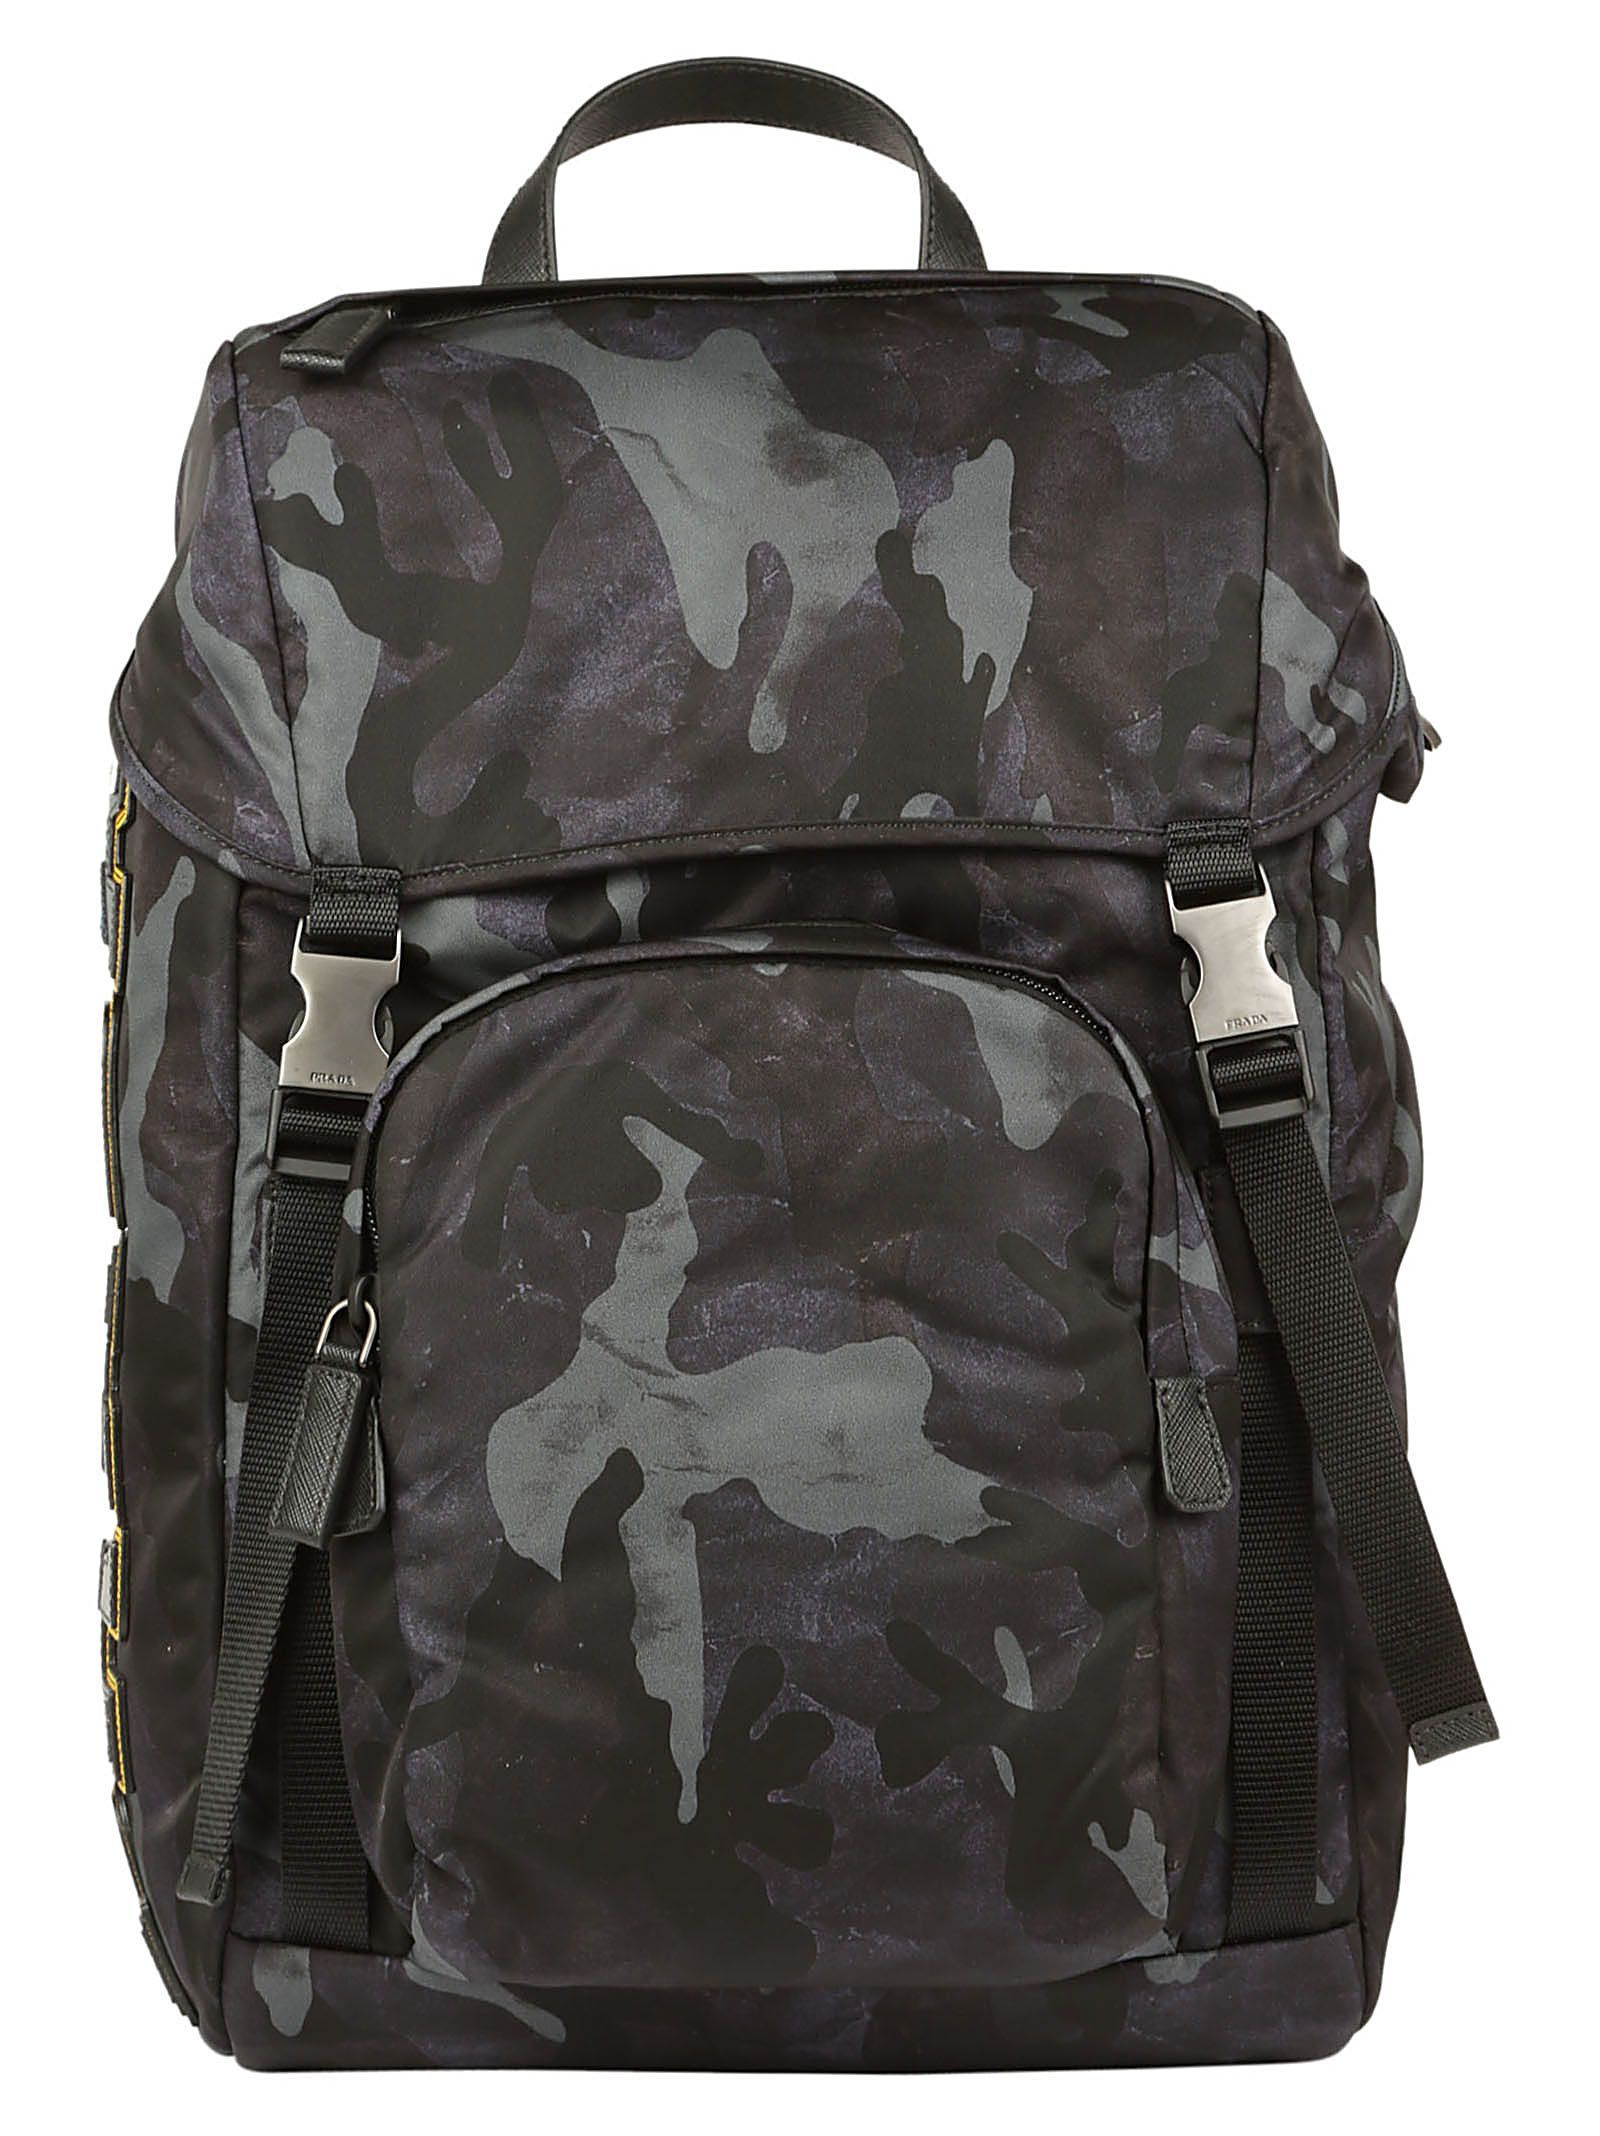 468259579a7d PRADA BACKPACK.  prada  bags  leather  nylon  backpacks